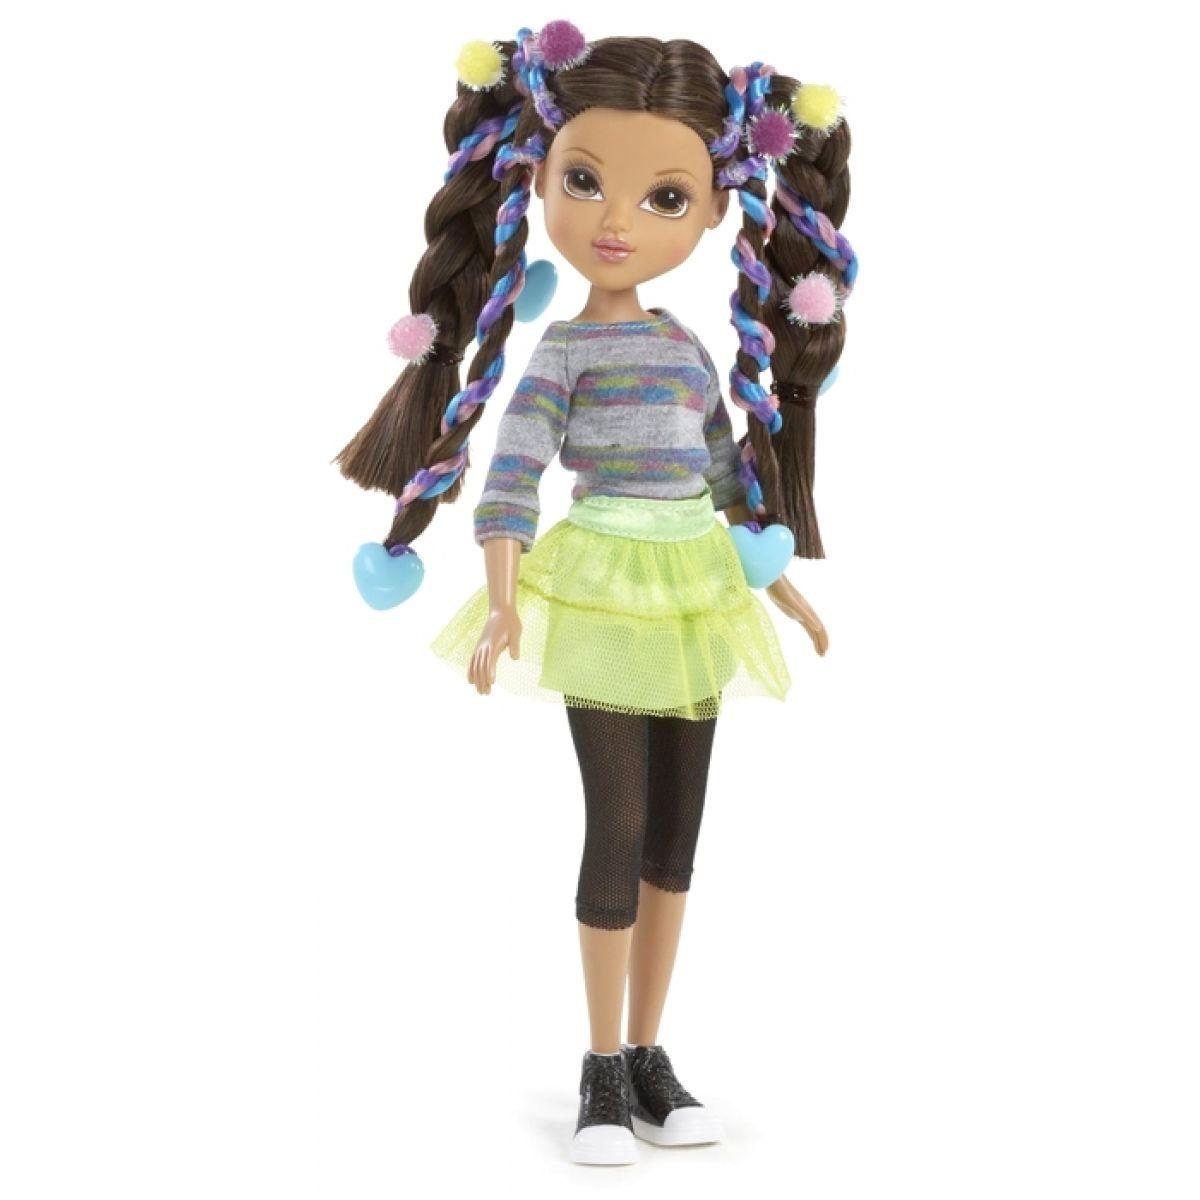 Moxie Girlz Magické vlasy s barevnými sponkami - Sophina #2